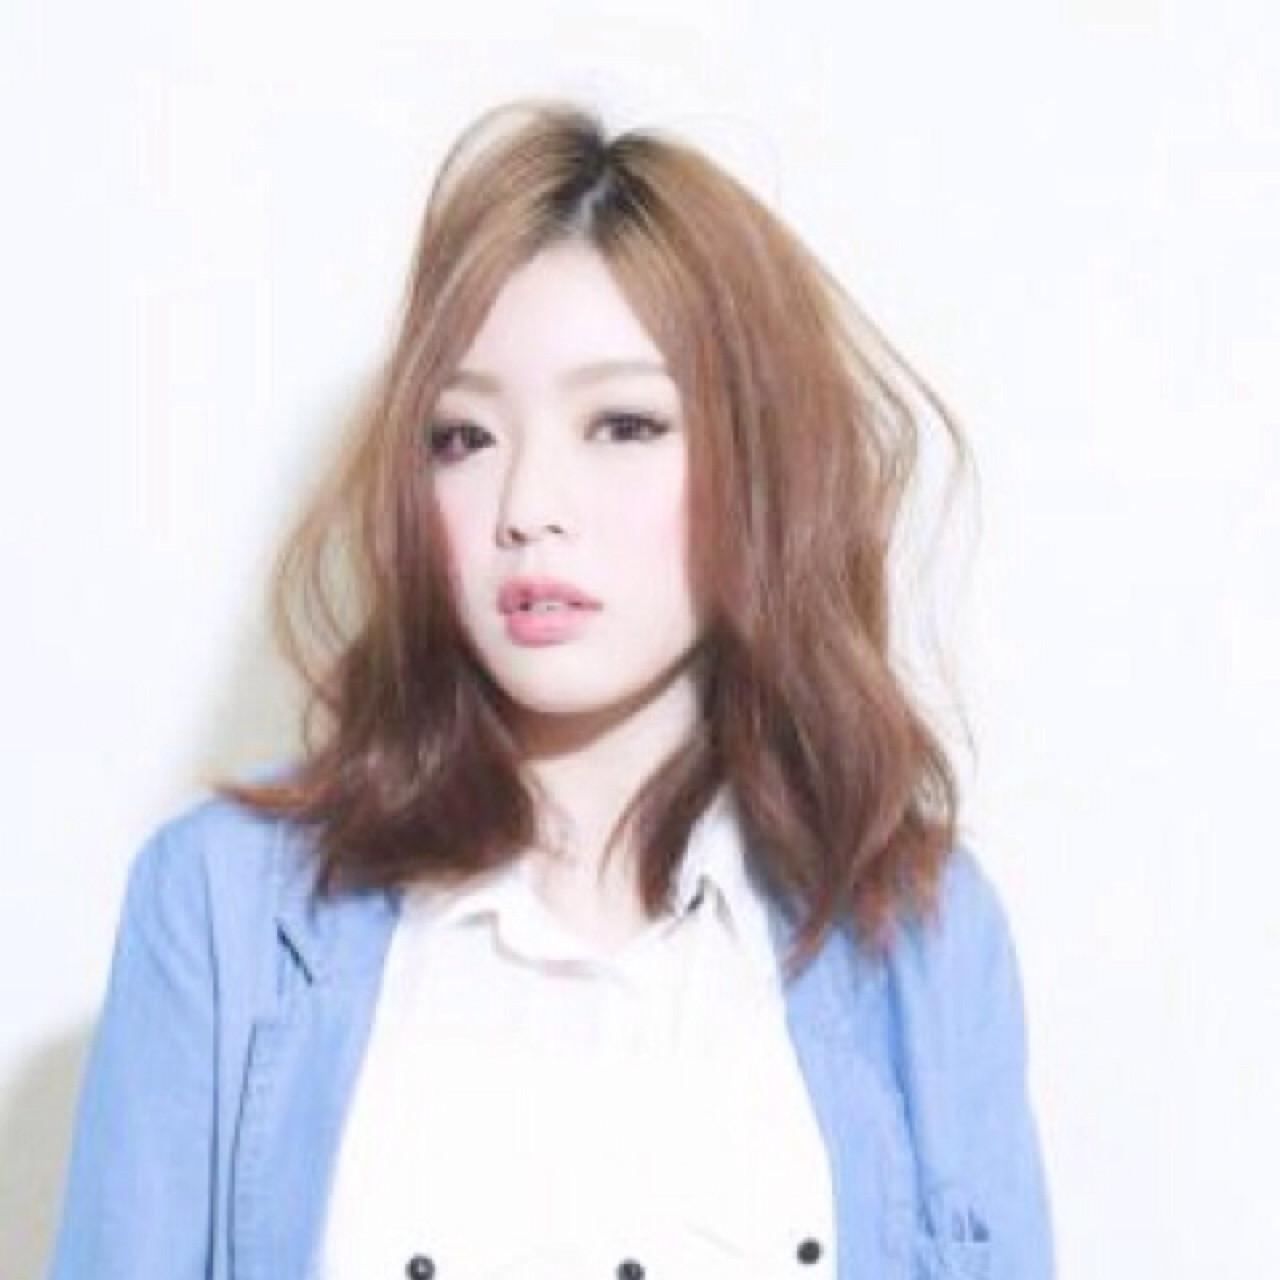 セミロング ゆるふわ 大人かわいい パーマ ヘアスタイルや髪型の写真・画像 | 河津 康広 / Rever hairmake (リバー)